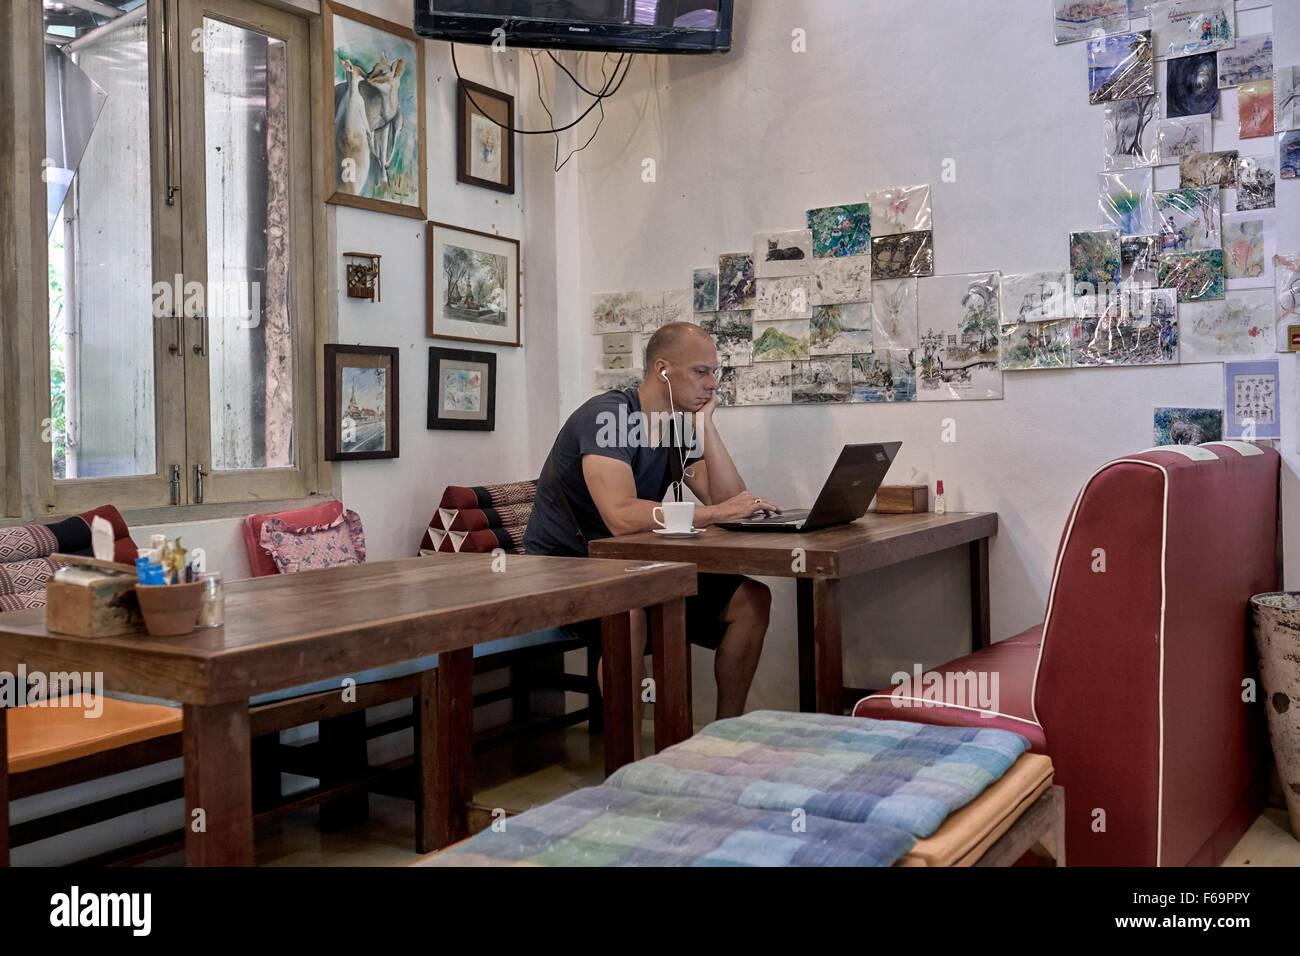 Kunstcafé Innenraum Pattaya Thailand S. E. Asien Stockbild